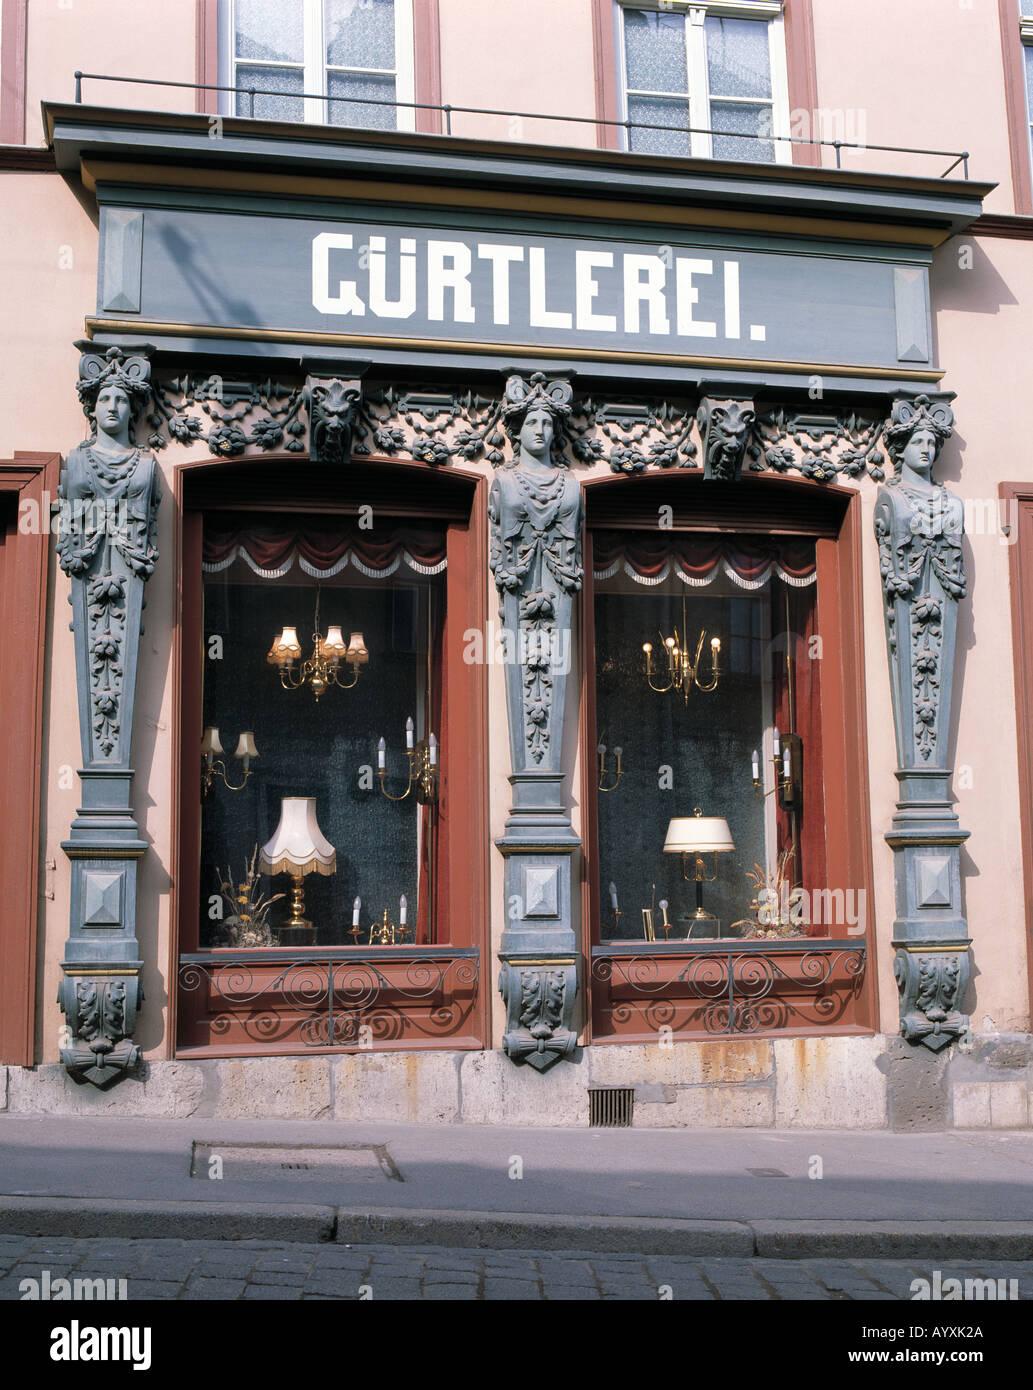 Antiquitaetenladen Guertlerei, Schaufenster, Weimar, Thueringen - Stock Image